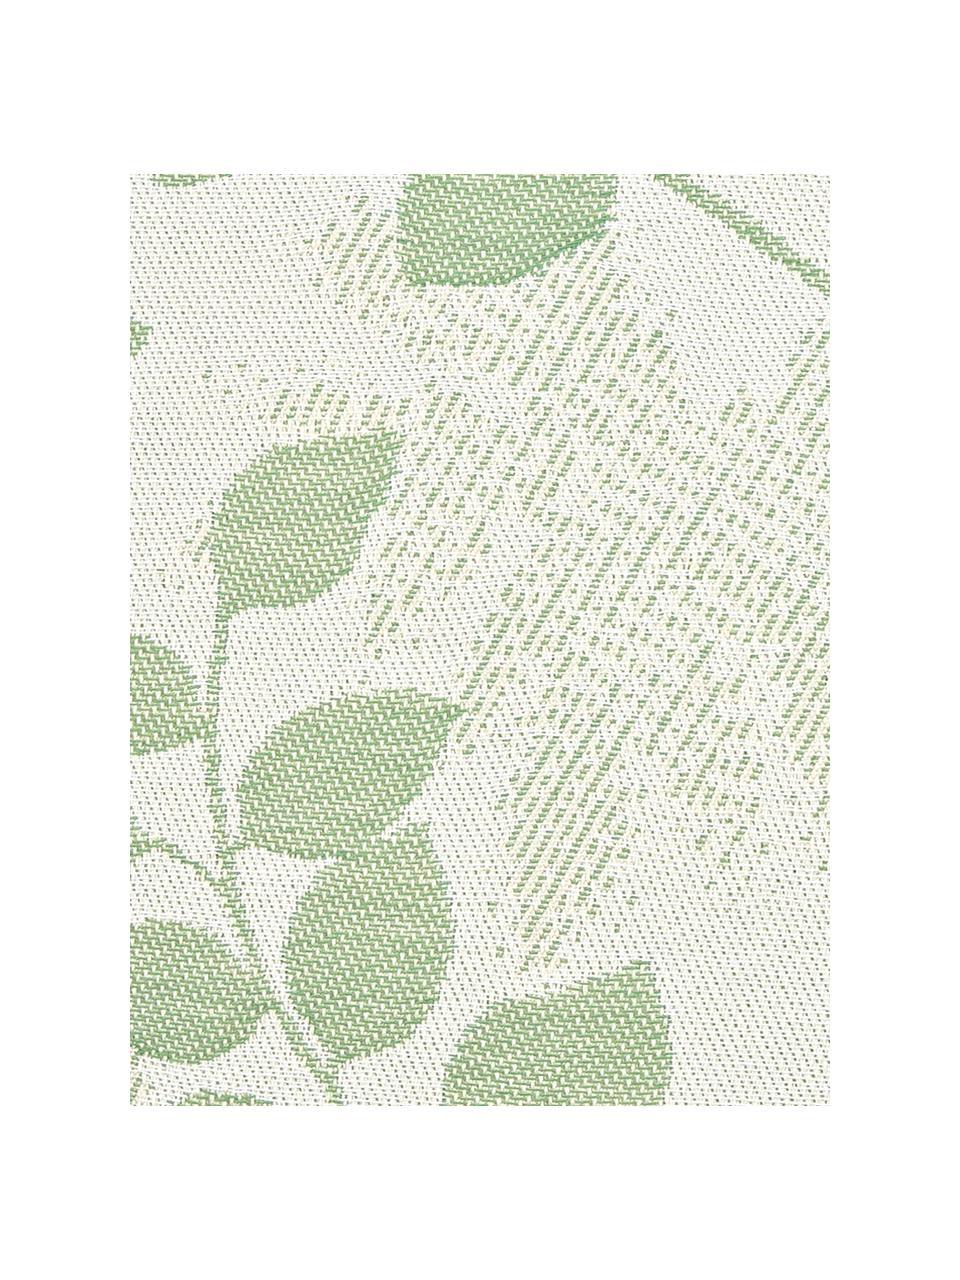 Outdoor-Kissenhülle Cruz mit Blattmuster in Grün, 100% Dralon (Polyacryl), Grün, Mintgrün, 50 x 50 cm